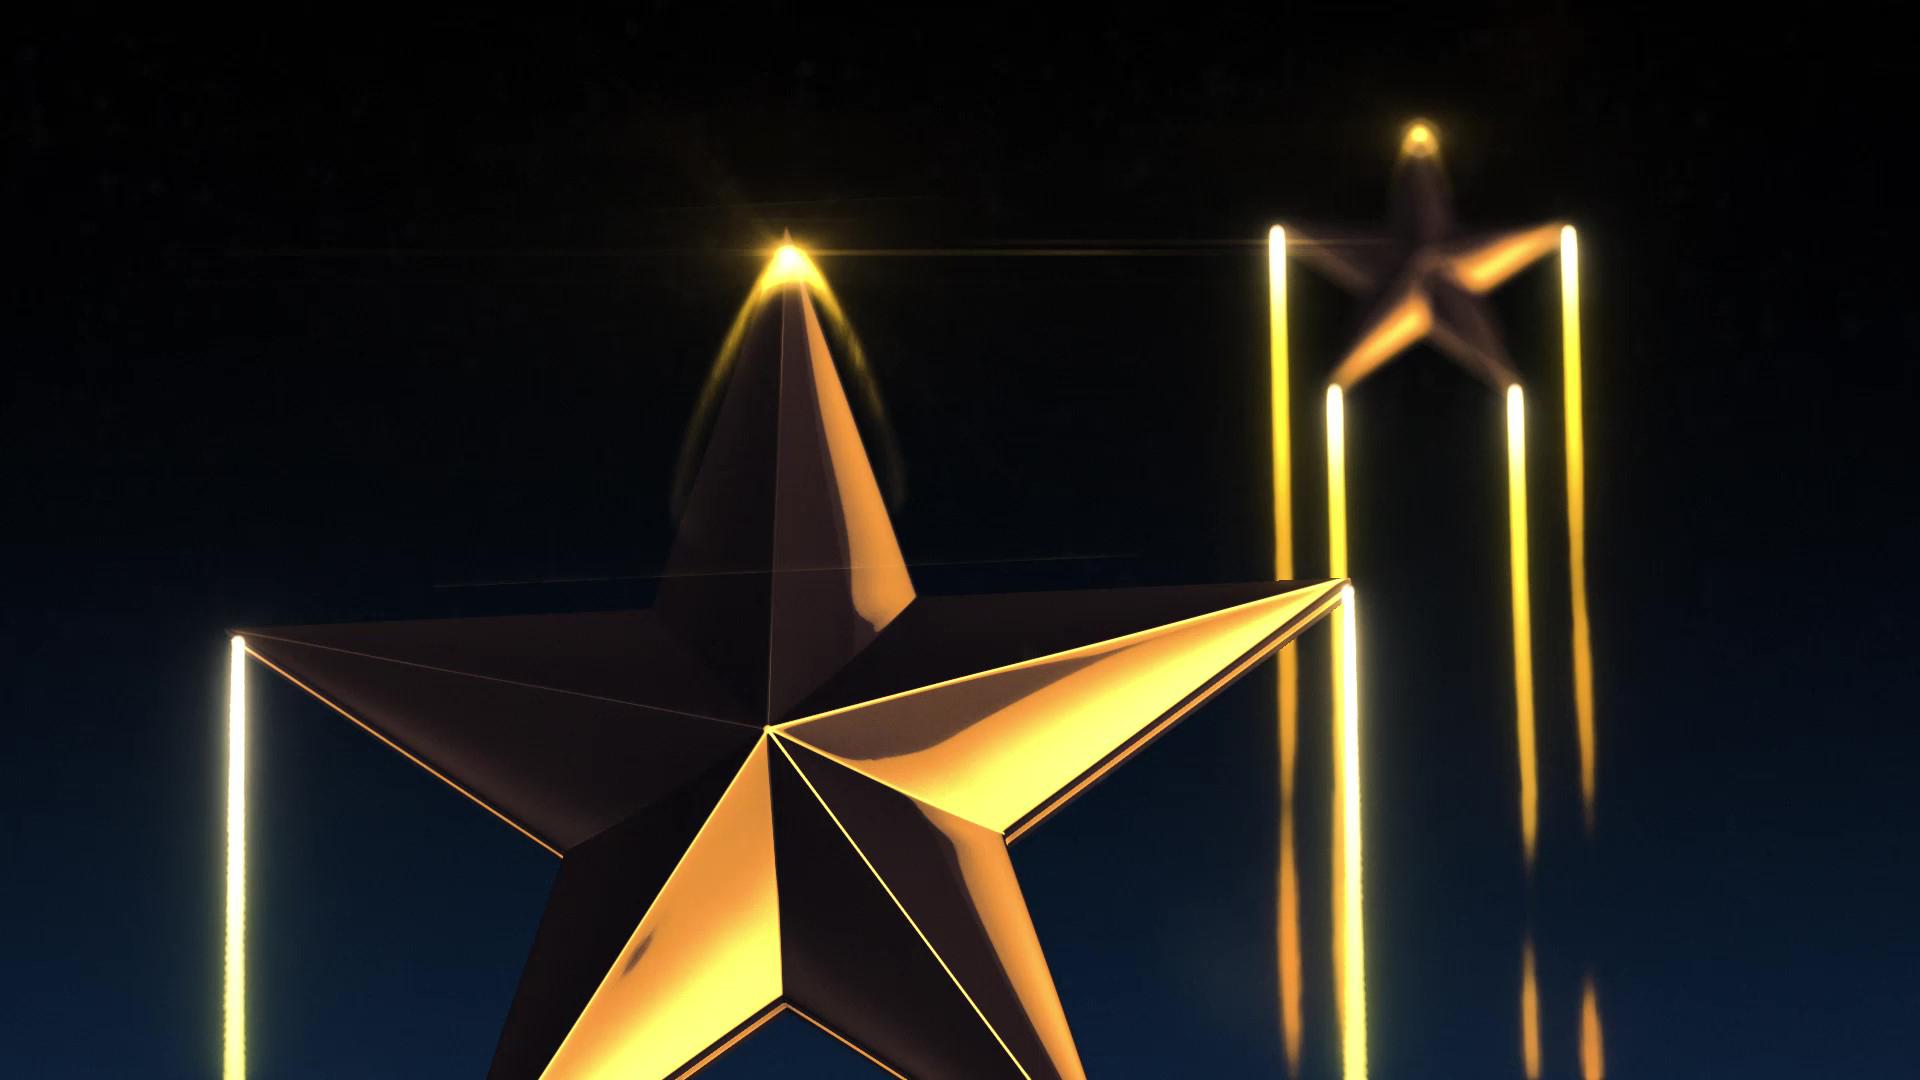 Shooting Stars over Night Sky